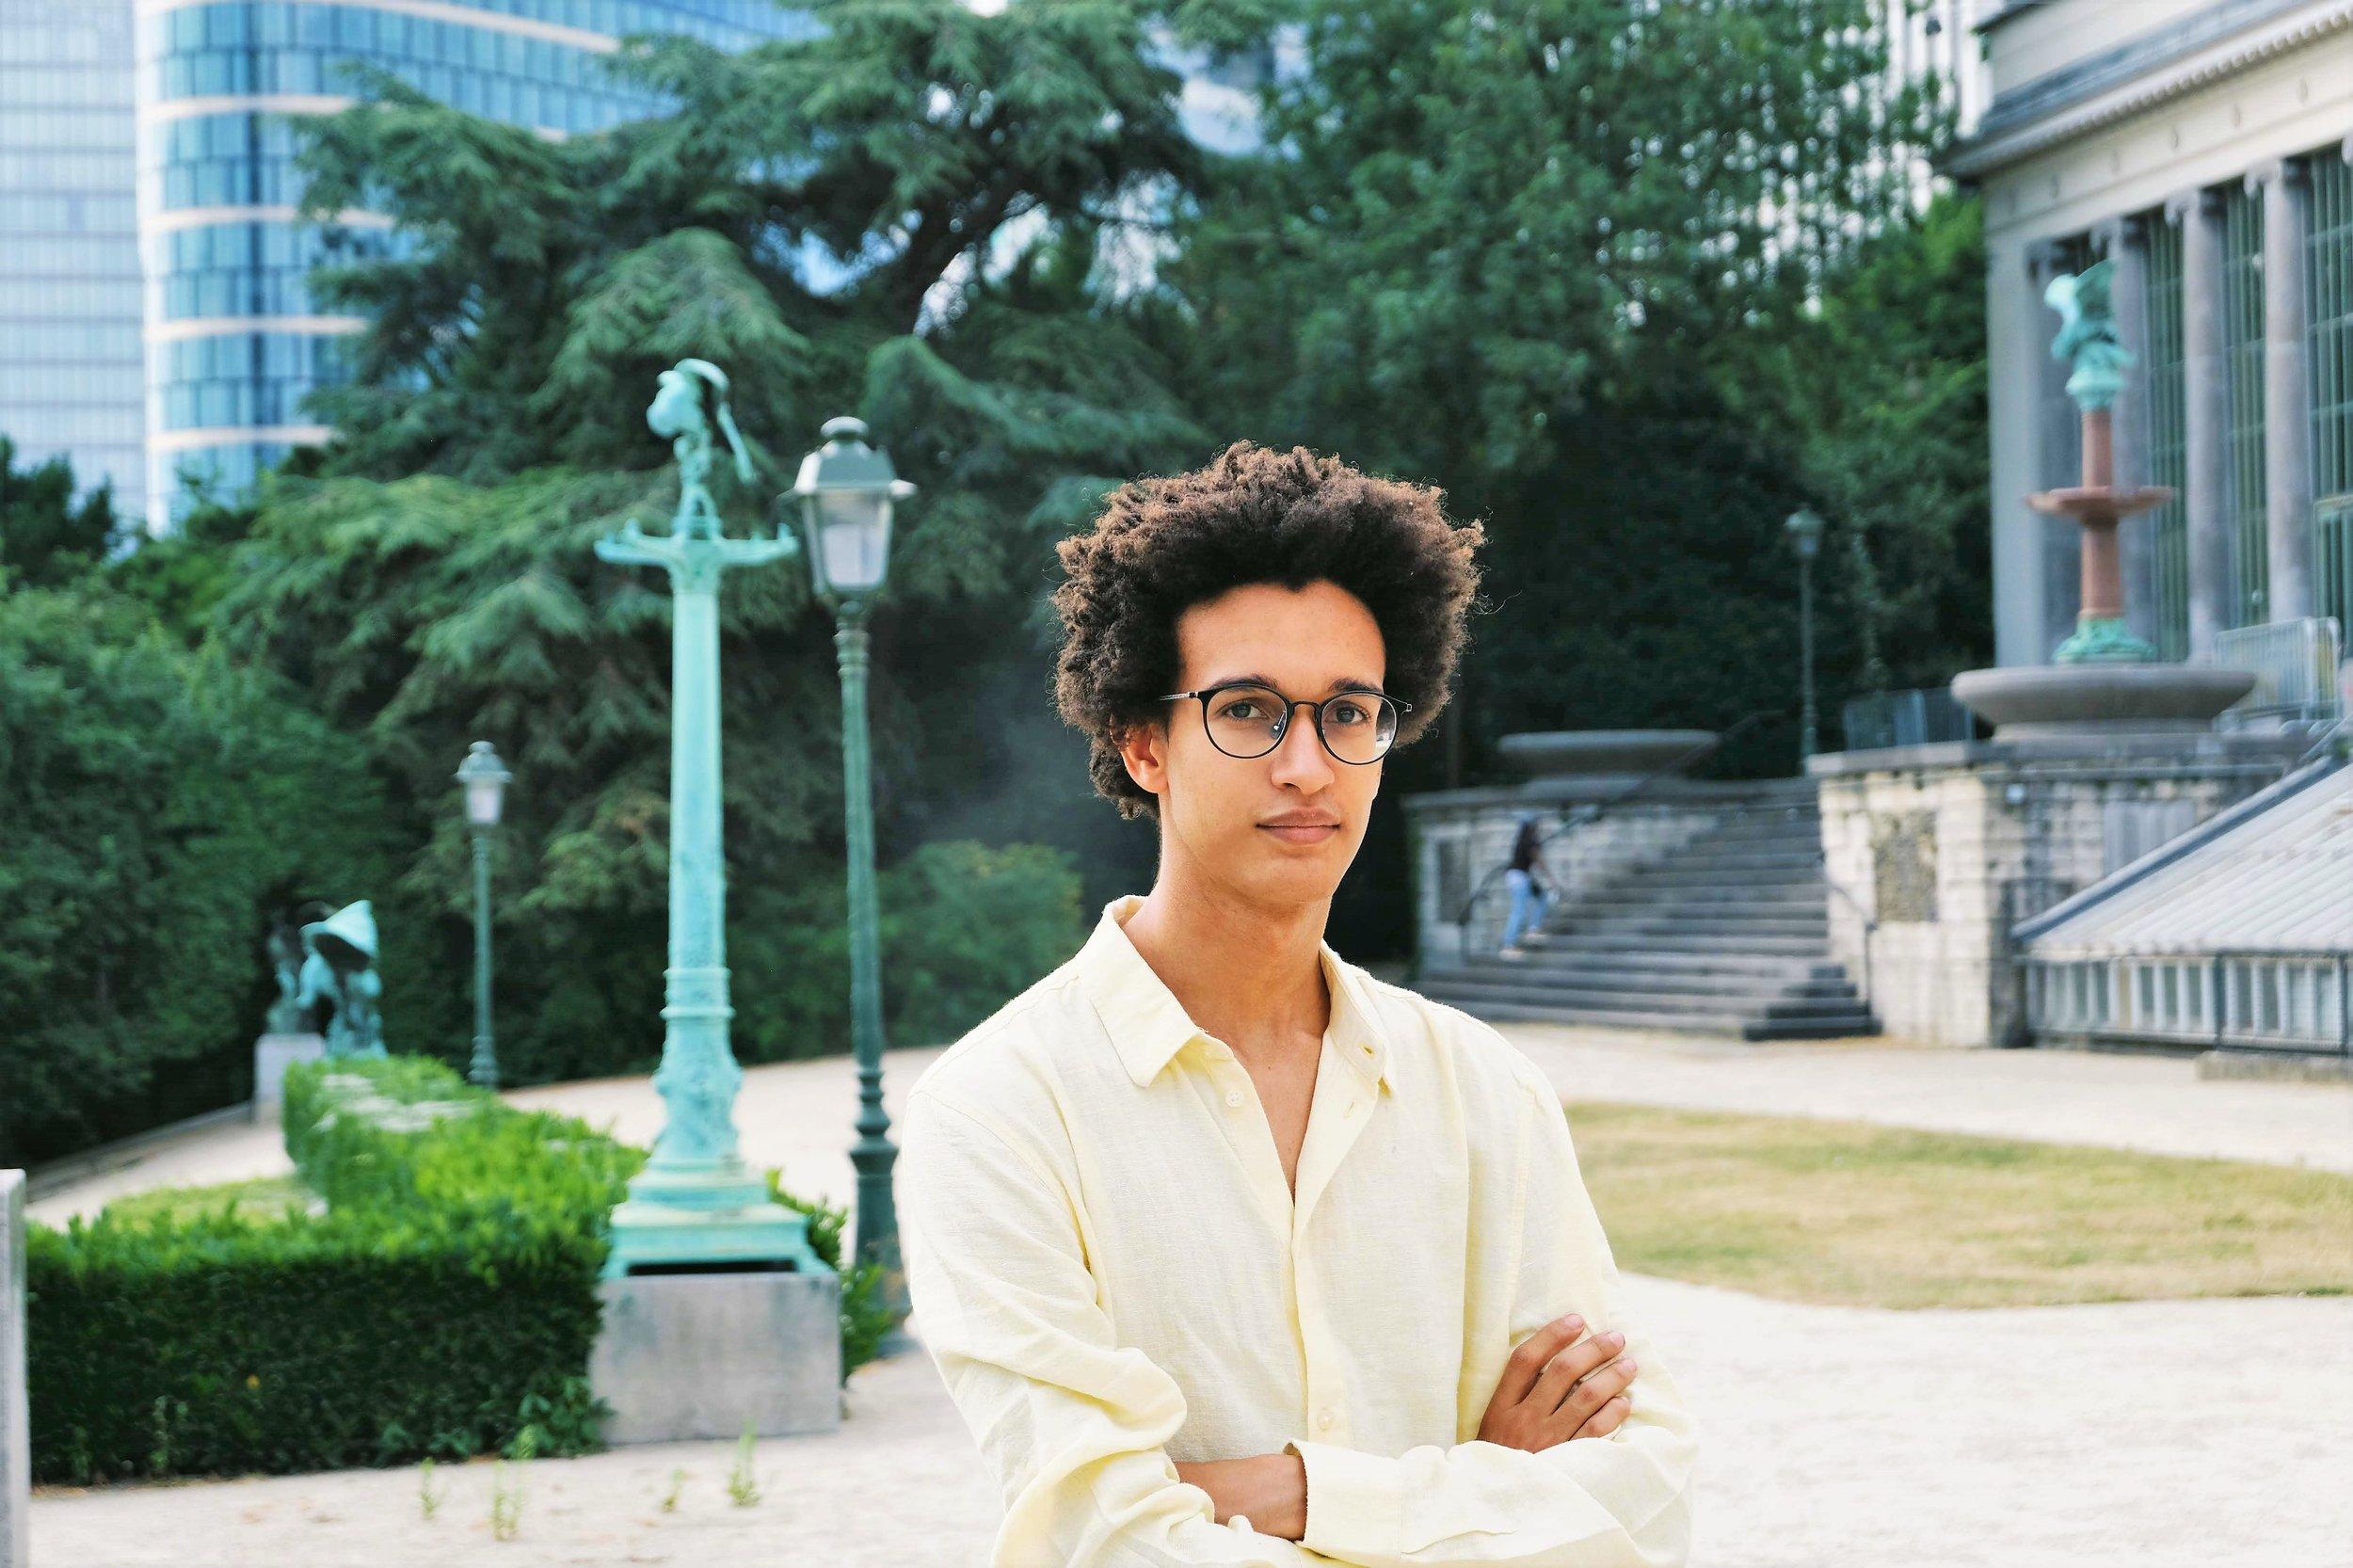 PROFIEL - Ik ben student Handelswetenschappen (Business Administration) aan de KU Leuven en spreek vloeiend Frans en Engels. In de toekomst wil ik drietalig (Nederlands) of zelfs viertalig (Spaans) worden. Ik verhuisde naar Sint-Joost (Brussel) om aan mijn hogere studies te beginnen. Heel mijn jeugd heb ik in het buitenland gewoond, in mijn geboorteland Rwanda, Kameroen, maar vooral in Cambodja.Door in verschillende landen en op verschillende continenten te hebben gewoond, werd ik ruimdenkend. Ik leerde mensen met een andere origine begrijpen en leerde met hen communiceren.Omdat ik rechtstreeks contact had met zowel de welgestelden als de kansarmen, met de bevolking van Europa, Afrika, Azië en Amerika, evenals met een aantal minderheidsgemeenschappen, begon ik belangstelling te tonen voor sociale cohesie.Hoewel sommigen beweren dat dit ondenkbaar is, zal ik altijd een fervent activist zijn.